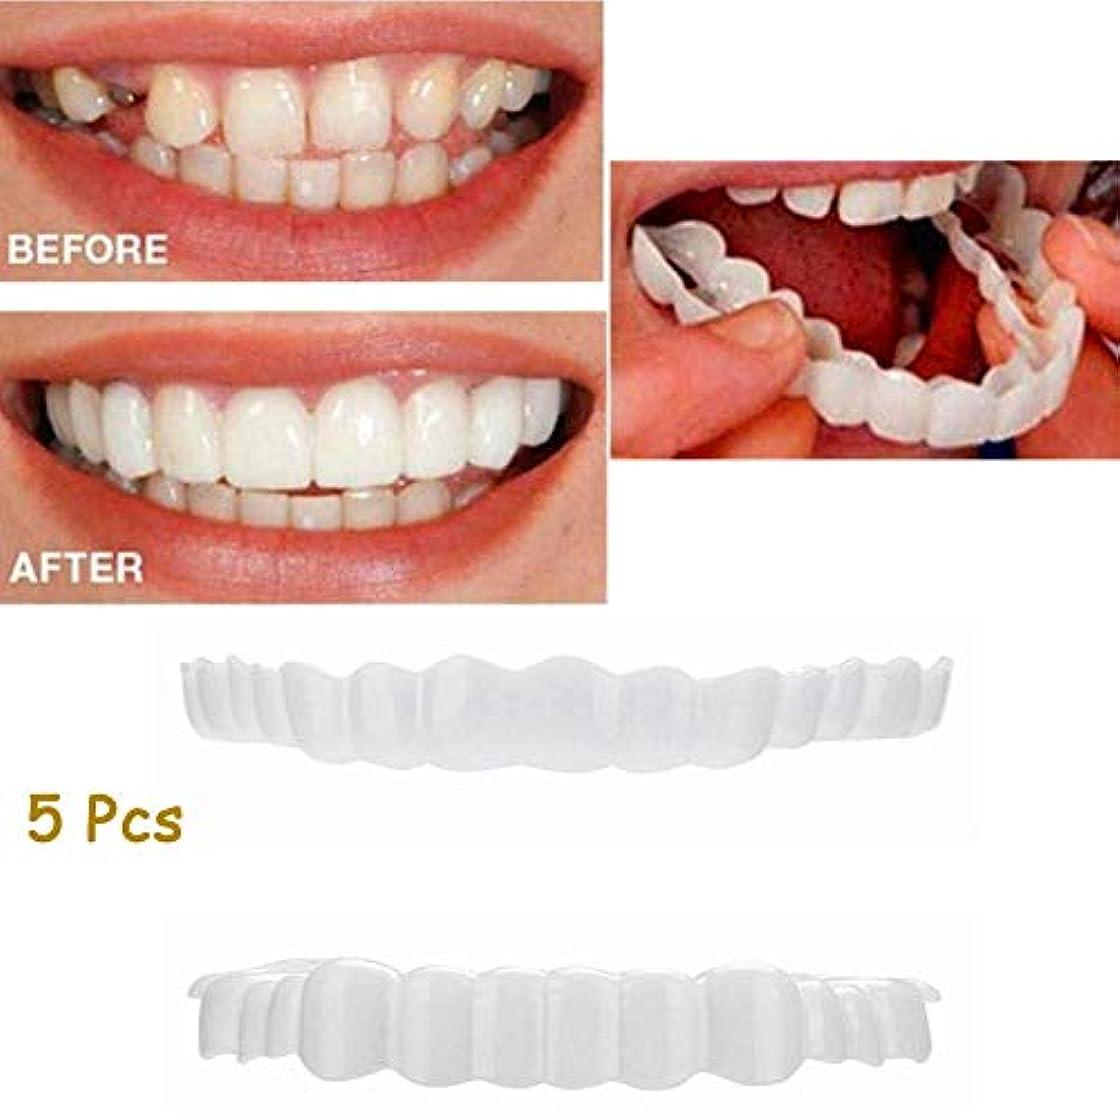 間違いなく恩赦撃退する5本の上歯+下歯セット偽の歯を白くする完璧な化粧品の歯